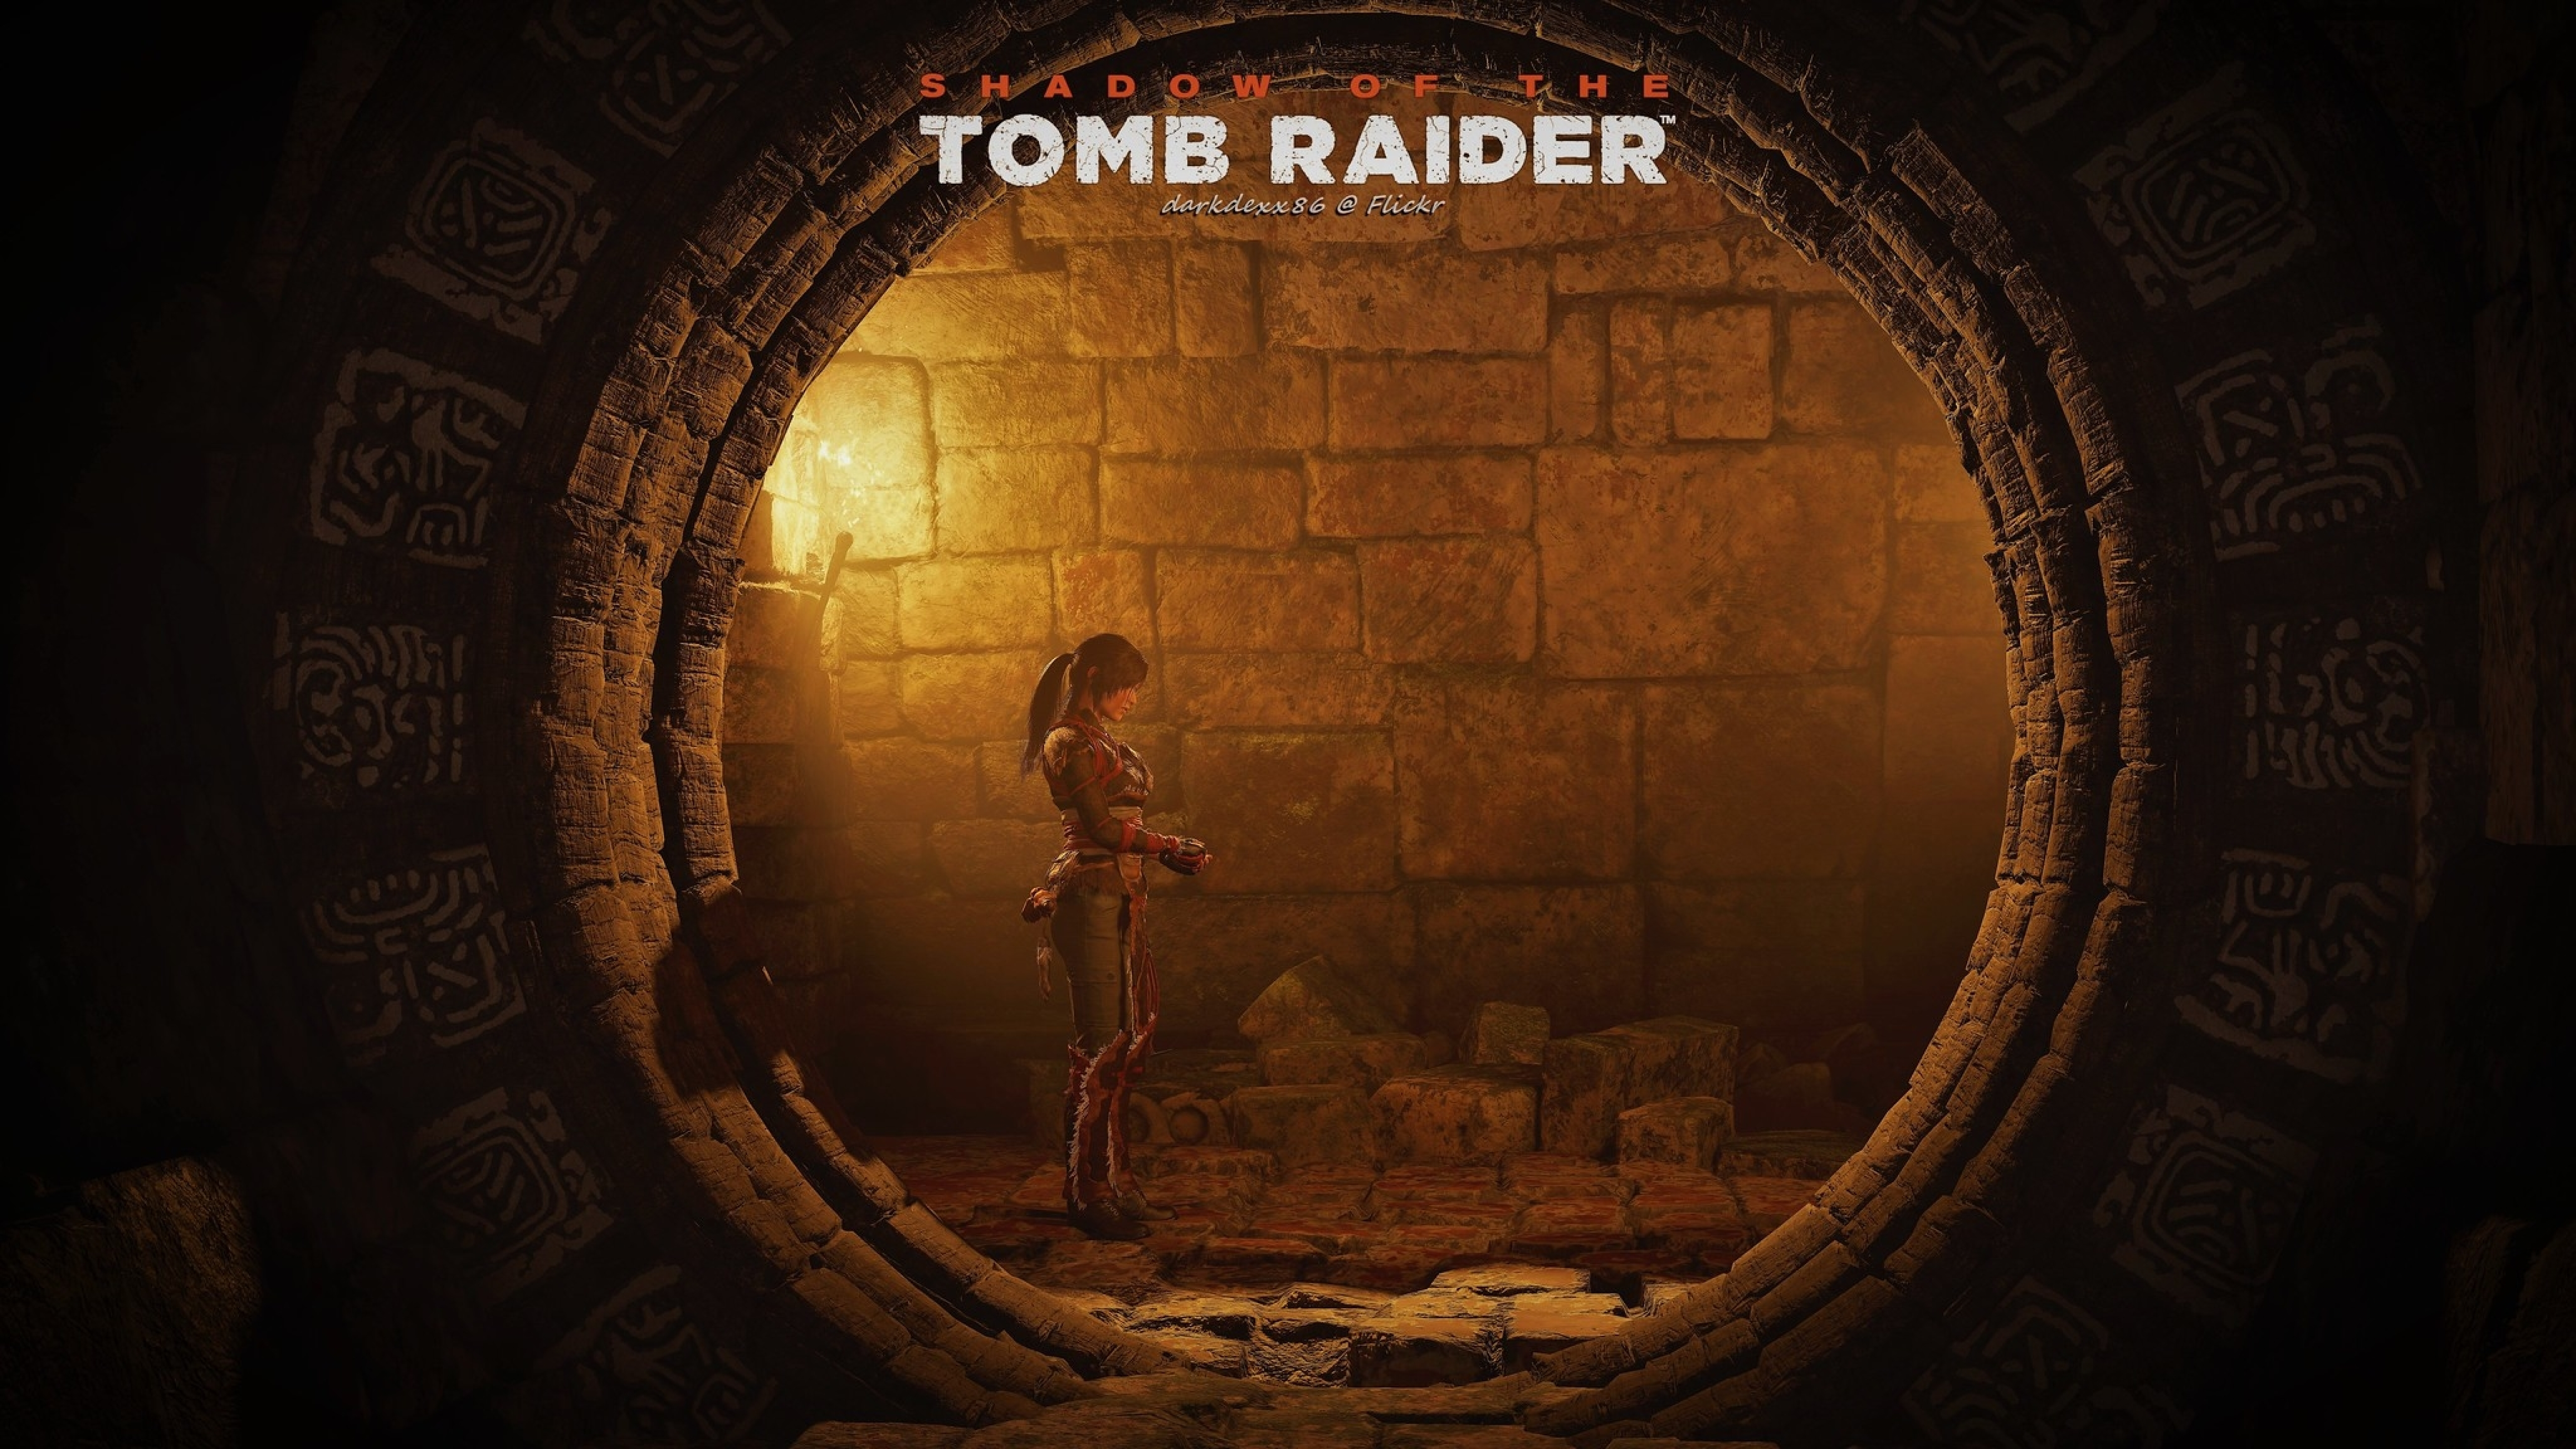 5120x2880 Lara Croft In Shadow Of The Tomb Raider 5k Wallpaper Hd